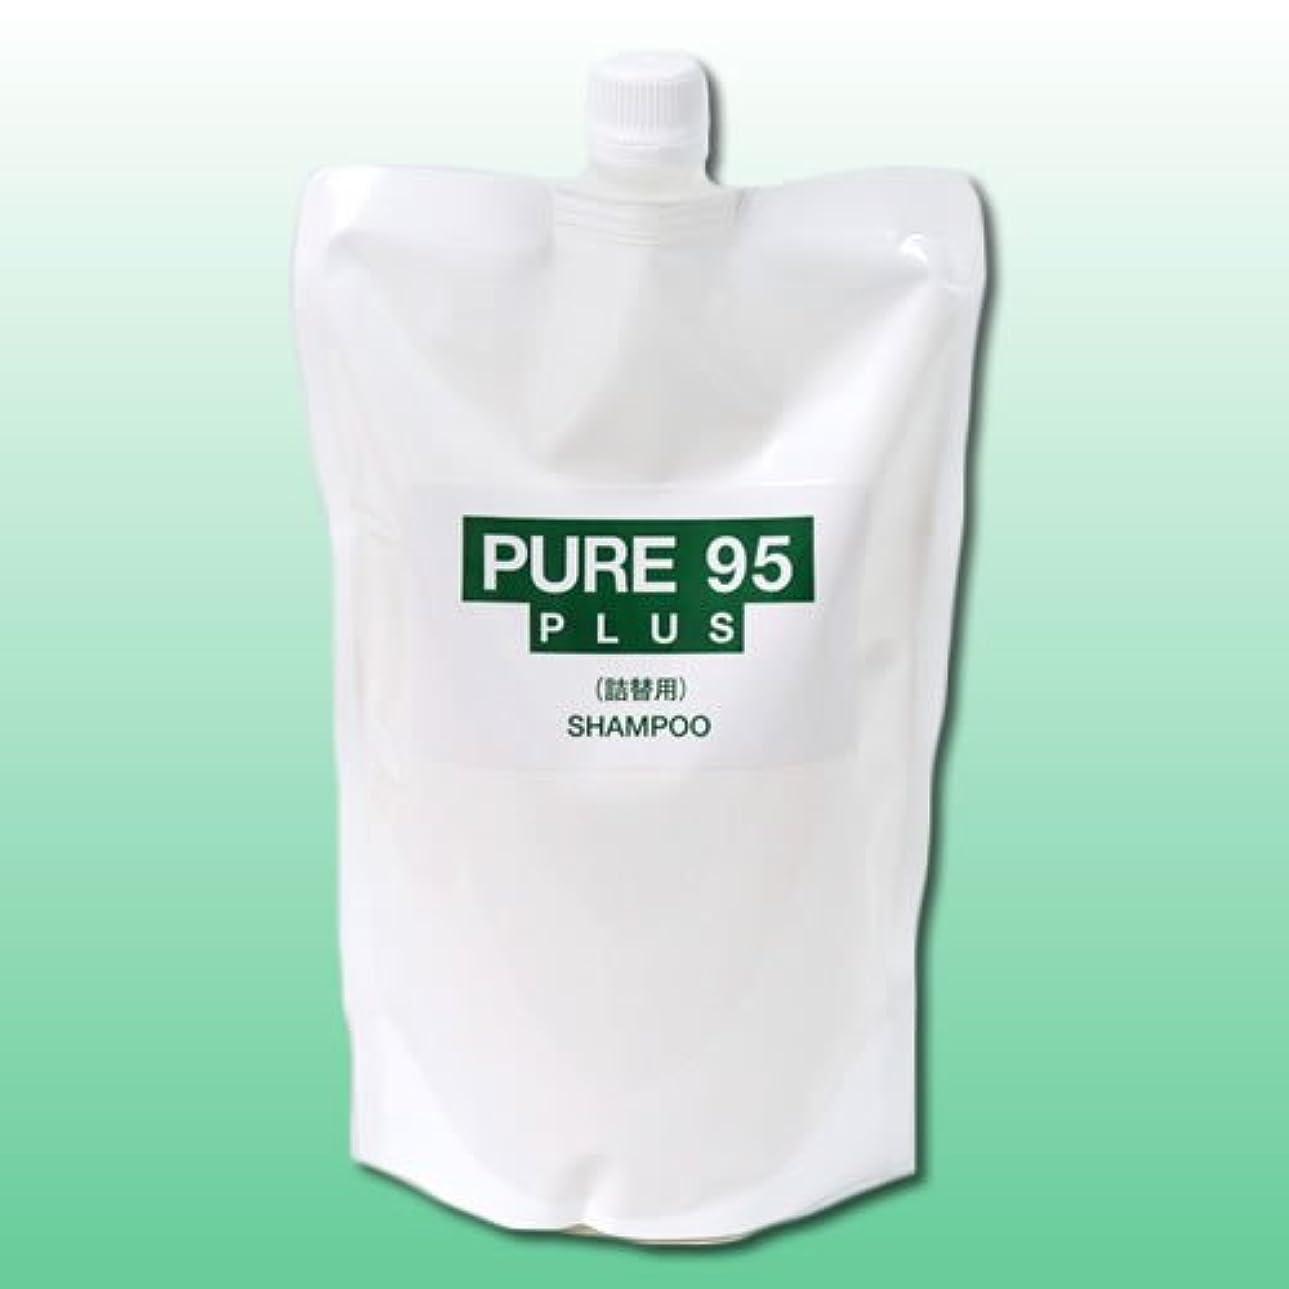 立ち向かう石灰岩ステーキパーミングジャパン PURE95(ピュア95) プラスシャンプー 700ml (草原の香り) 詰替用